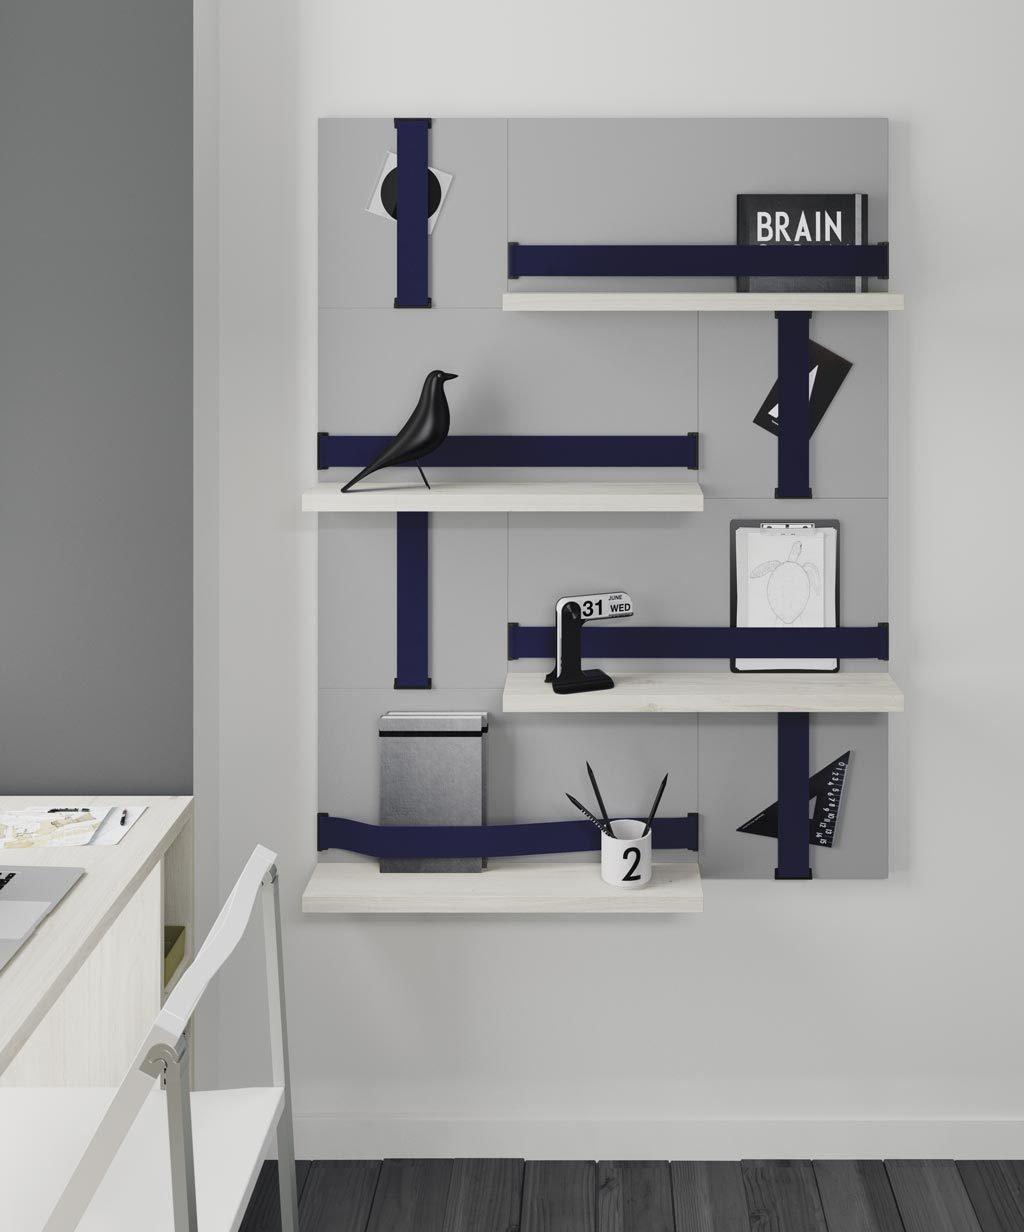 Composición más vertical del sistema FLAT con estantes y cintas elásticas horizontales y verticales